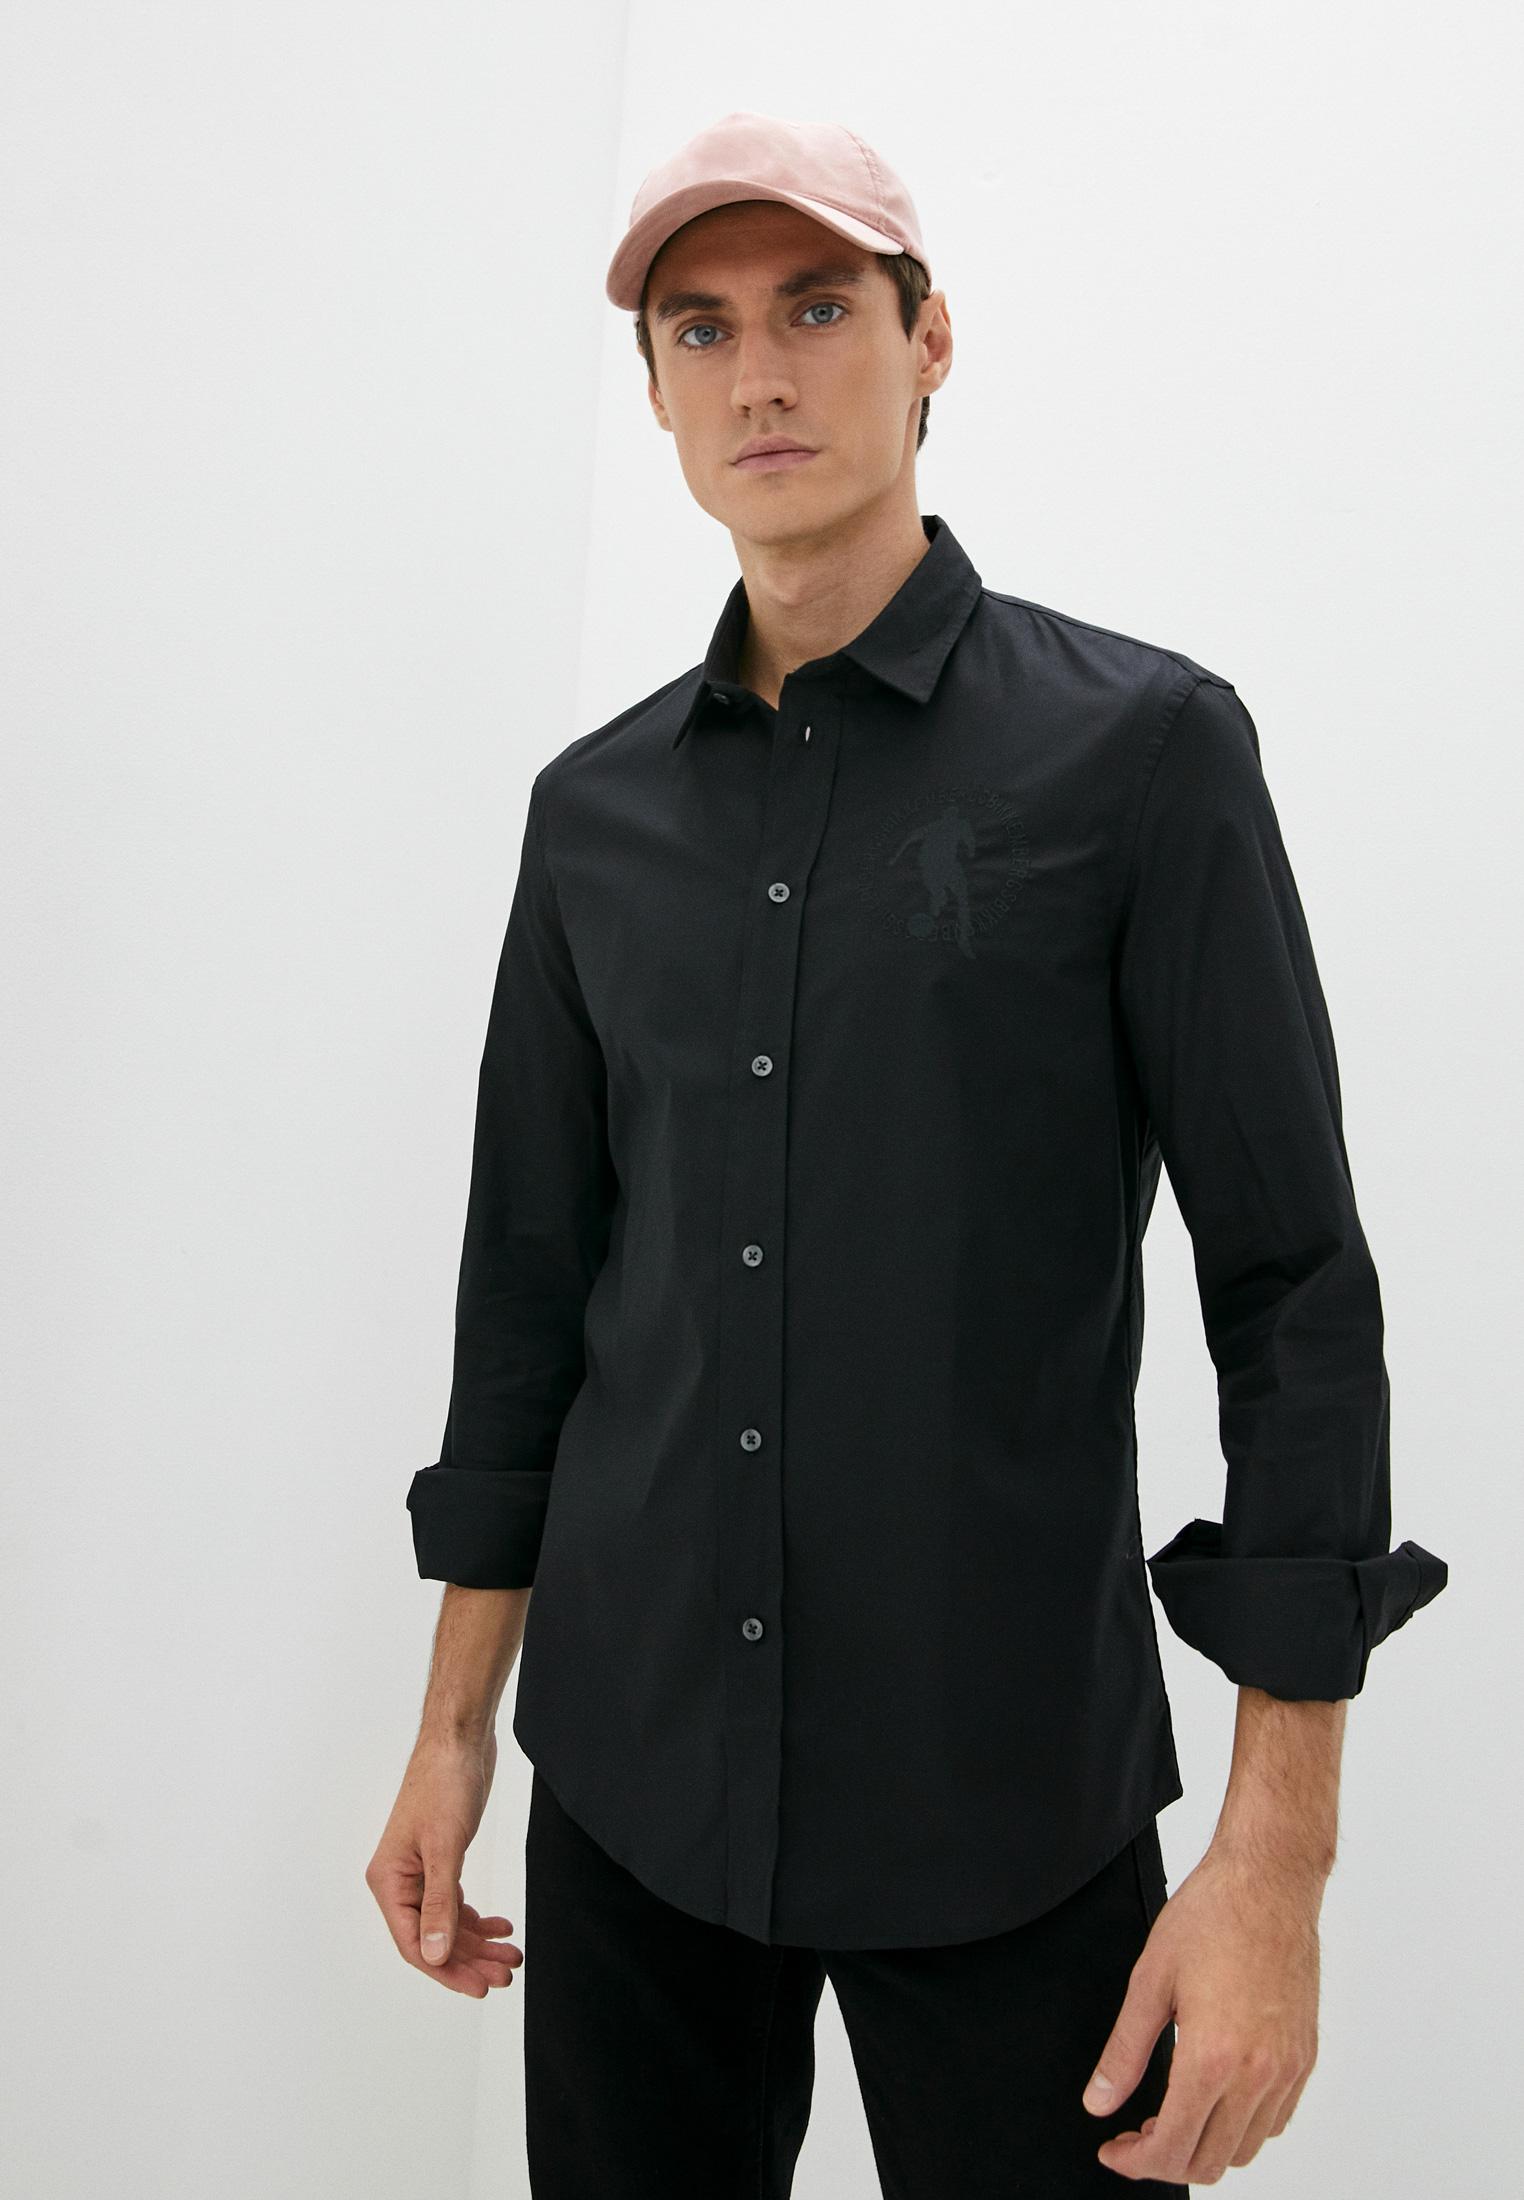 Рубашка с длинным рукавом Bikkembergs (Биккембергс) C C 009 2C S 2931